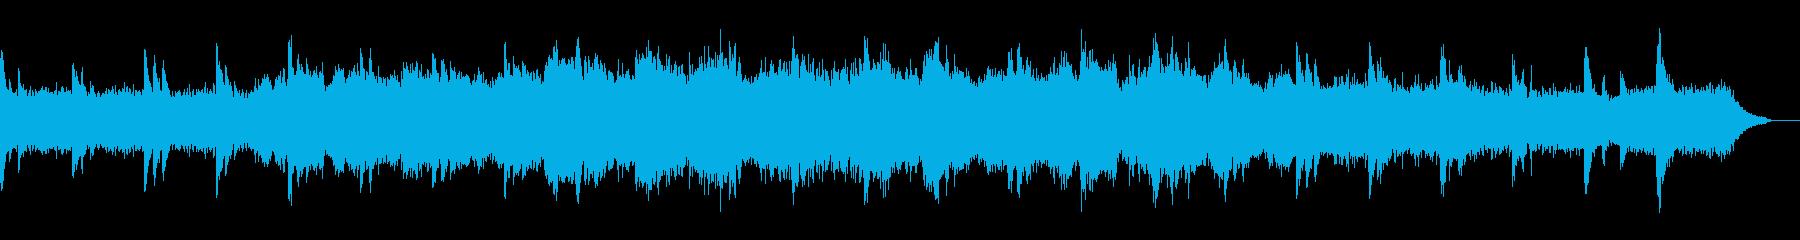 神秘的に広がるオーケストラ曲の再生済みの波形